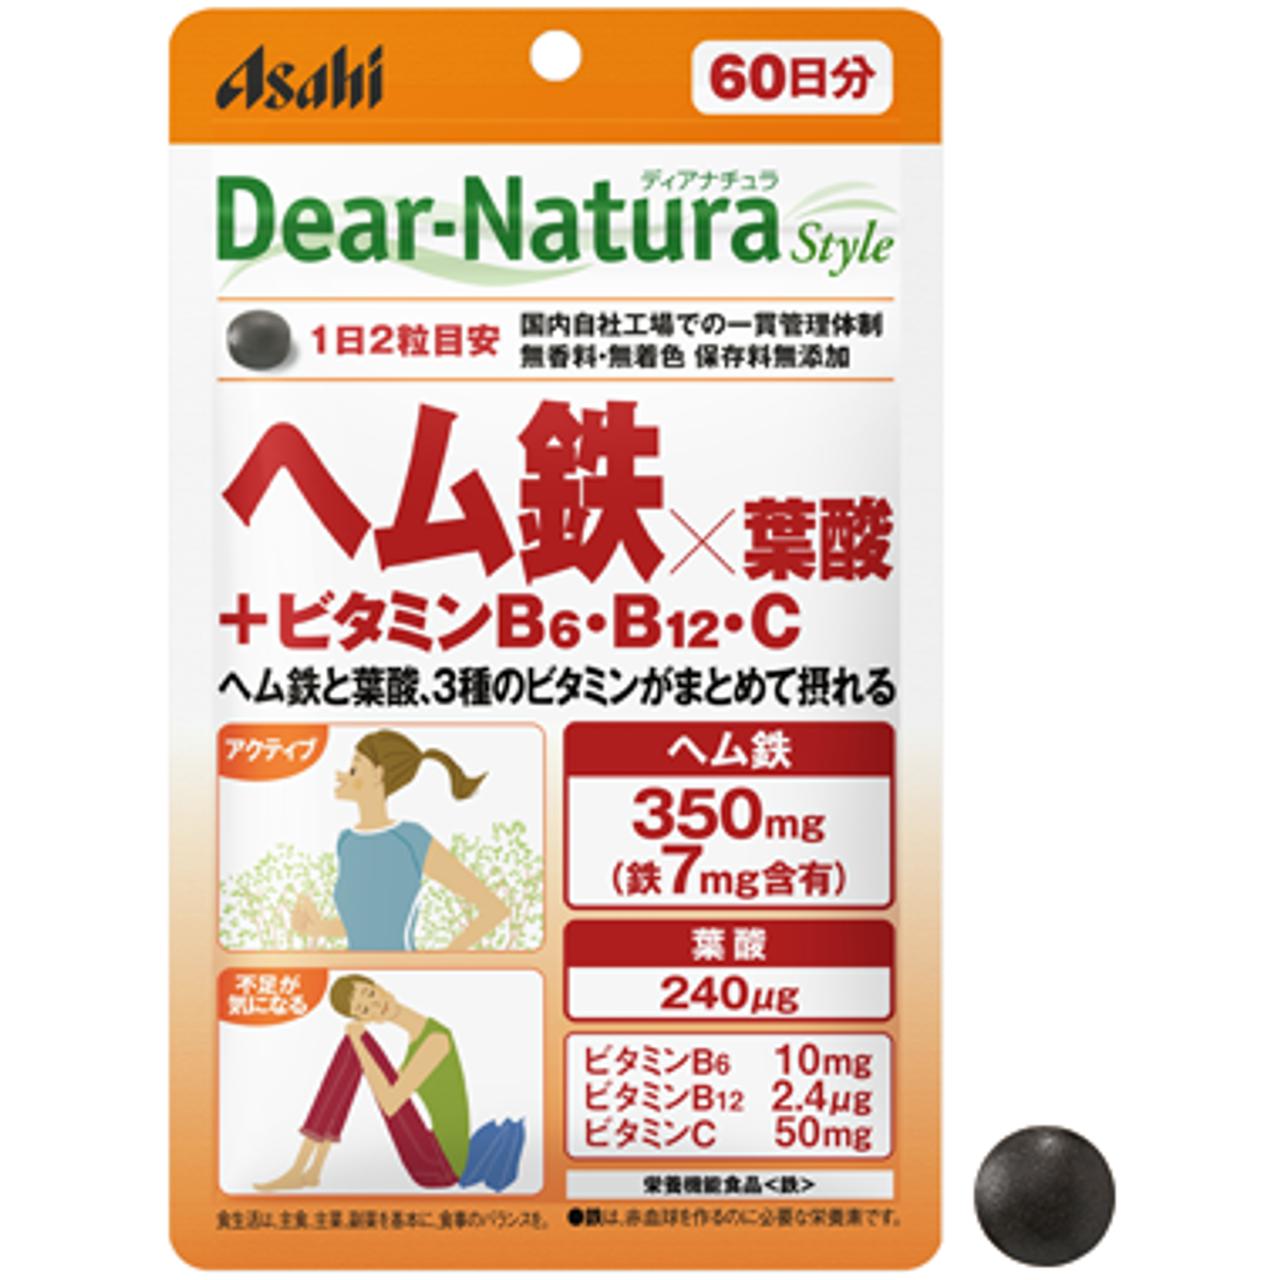 Dear Natura Гемовое железо, фолиевая кислота и витамины В (60 дней)